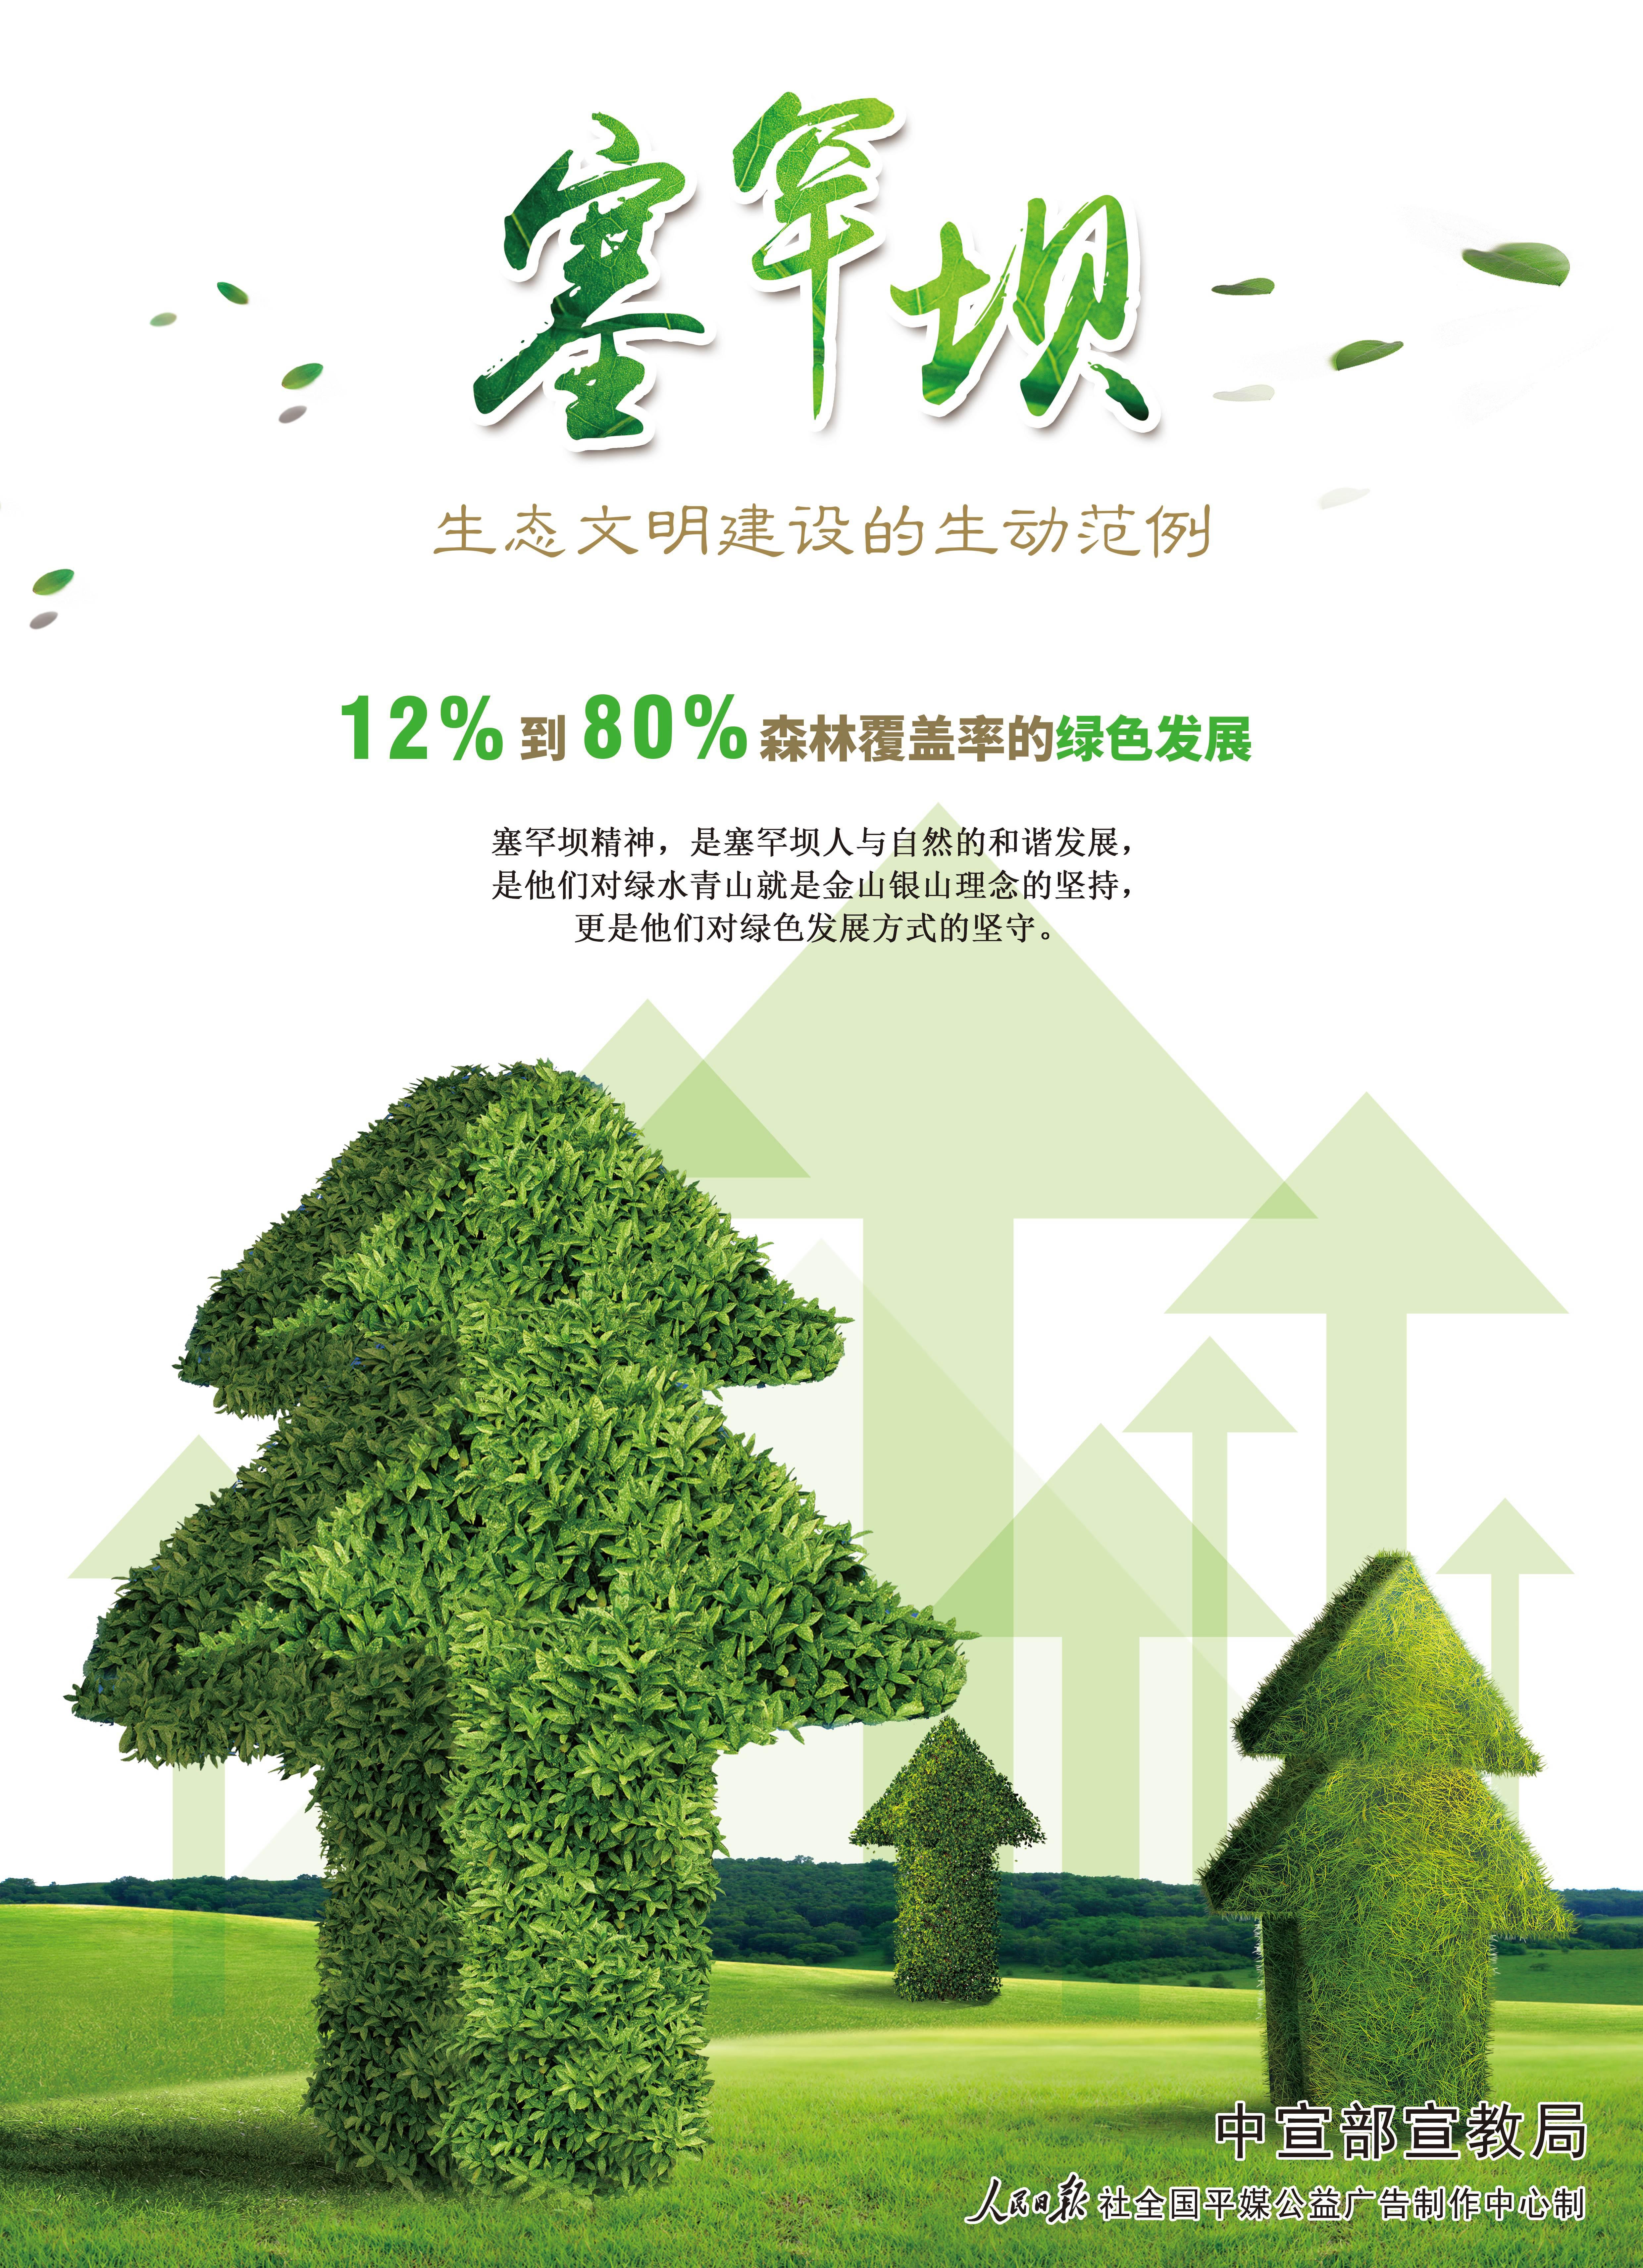 塞罕坝公益广告:生态文明建设的生动范例